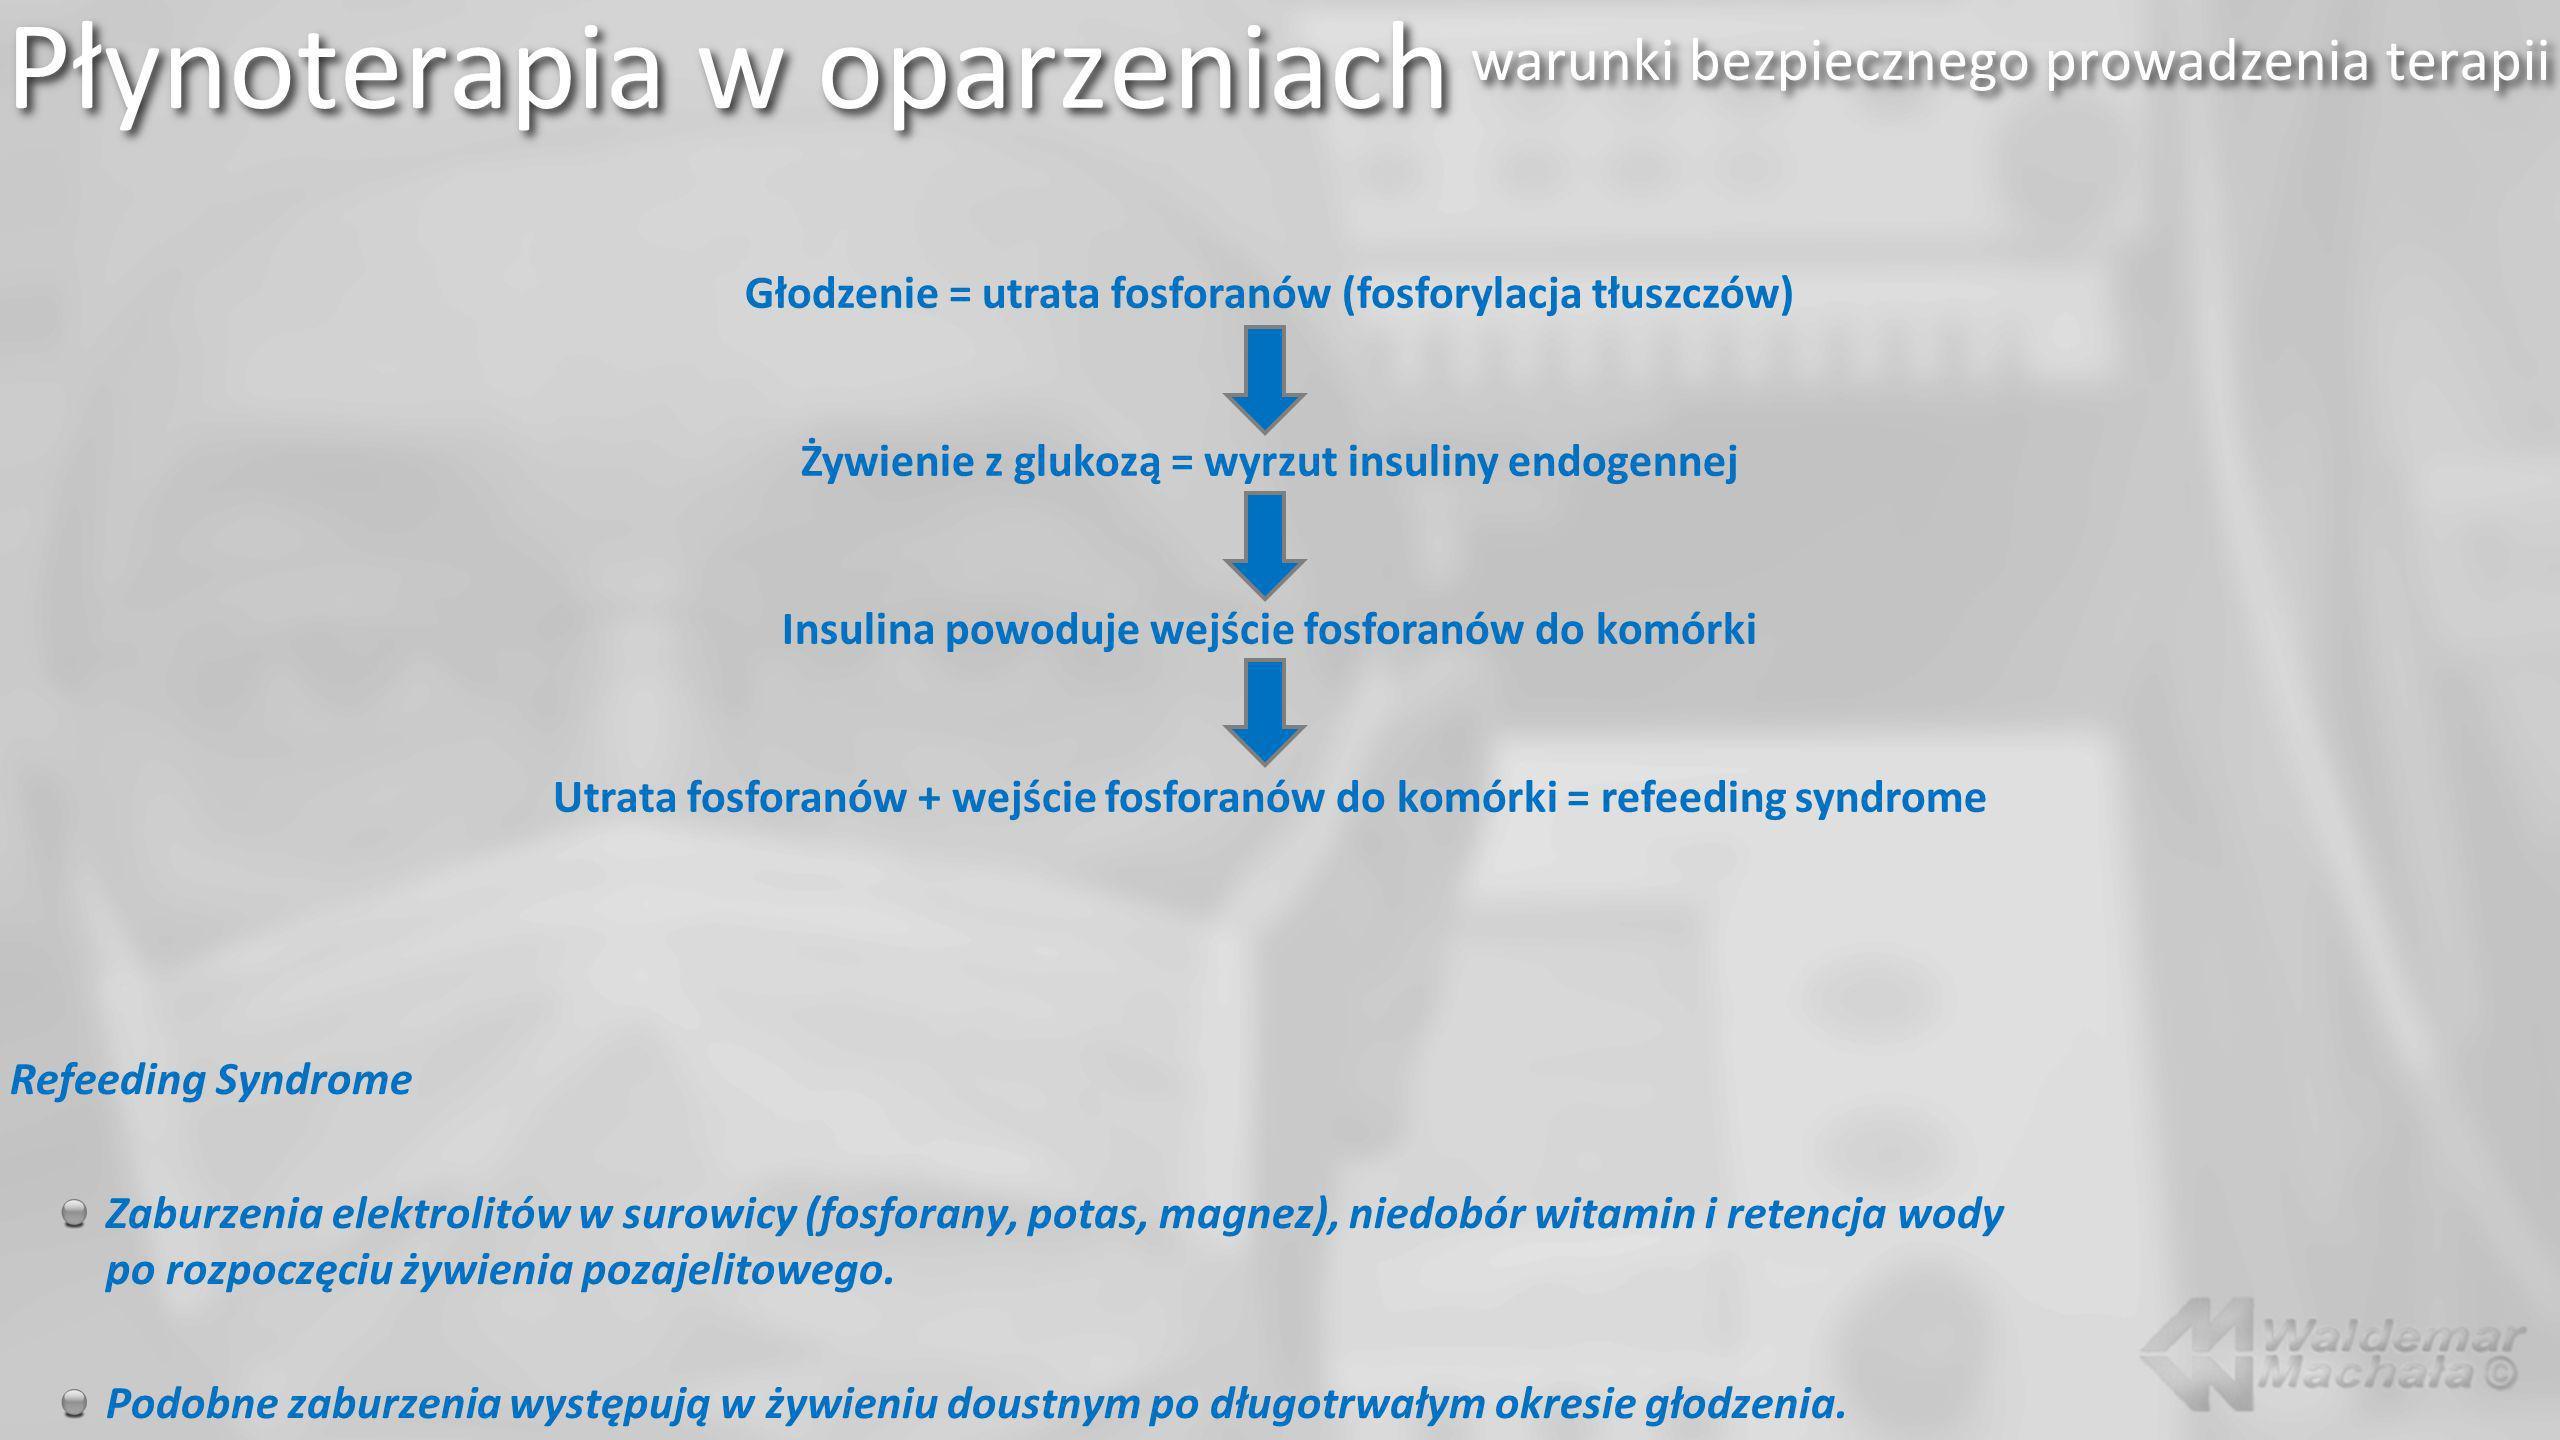 Płynoterapia w oparzeniach warunki bezpiecznego prowadzenia terapii Głodzenie = utrata fosforanów (fosforylacja tłuszczów) Żywienie z glukozą = wyrzut insuliny endogennej Insulina powoduje wejście fosforanów do komórki Utrata fosforanów + wejście fosforanów do komórki = refeeding syndrome Refeeding Syndrome Zaburzenia elektrolitów w surowicy (fosforany, potas, magnez), niedobór witamin i retencja wody po rozpoczęciu żywienia pozajelitowego.